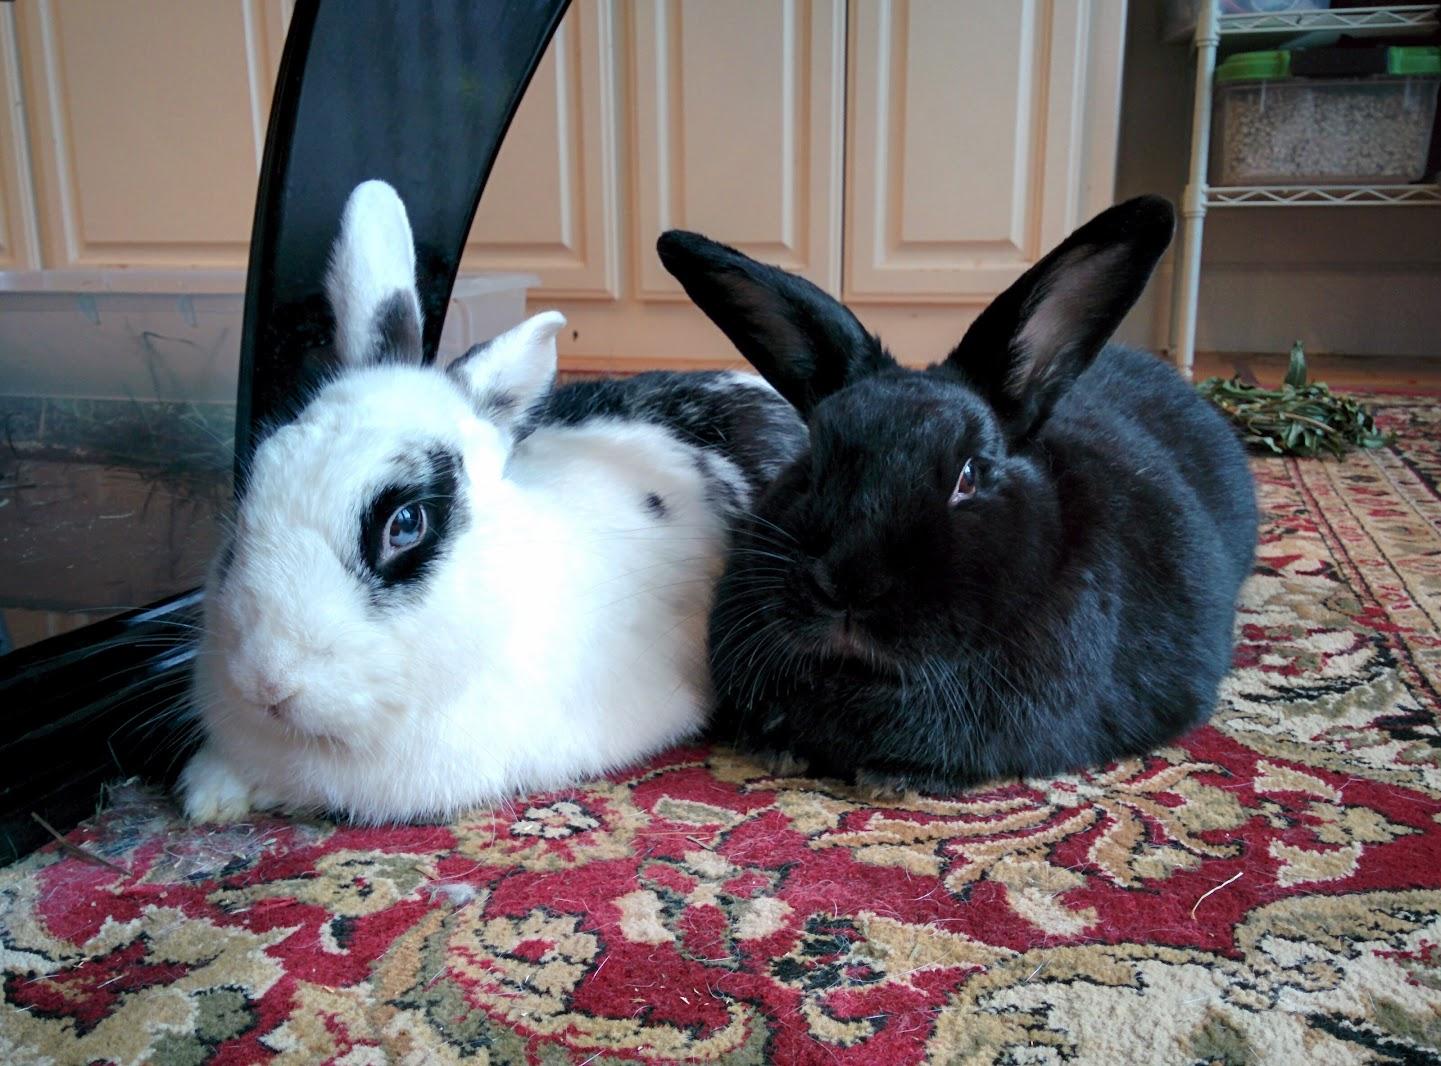 Bao Bao and Luna relaxing